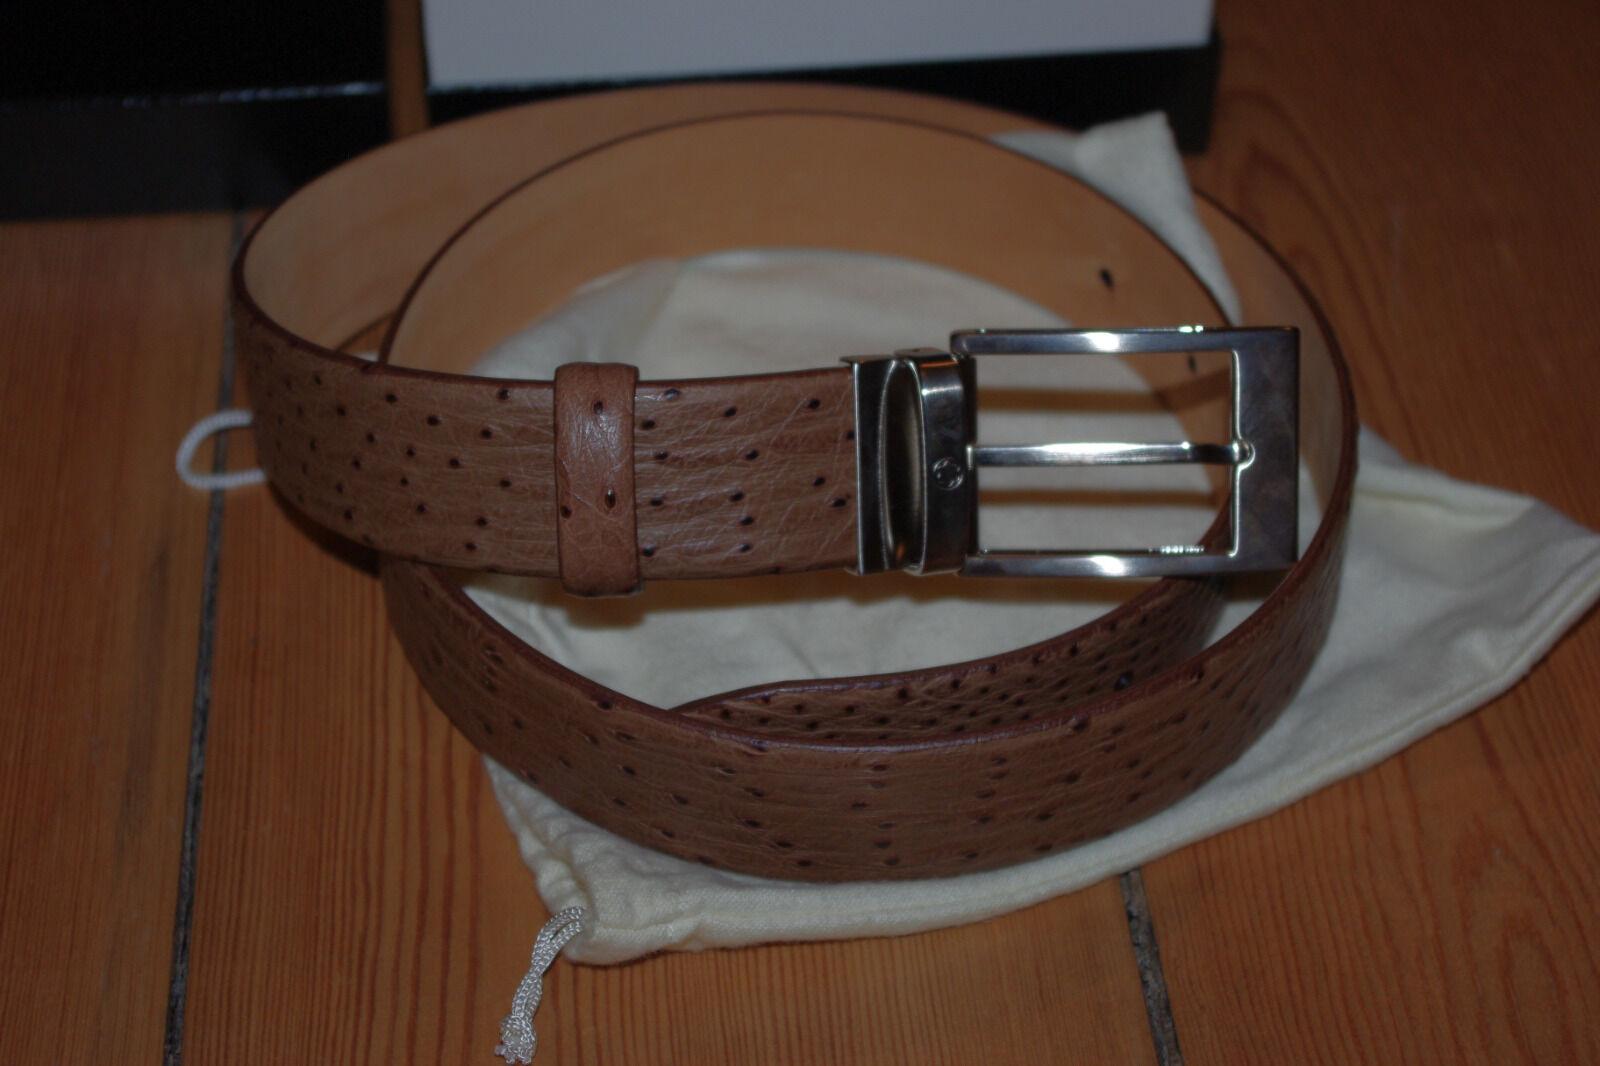 Montblanc Herren Ledergürtel Brown Ostrich Leather Belt Straußenleder Design NEU